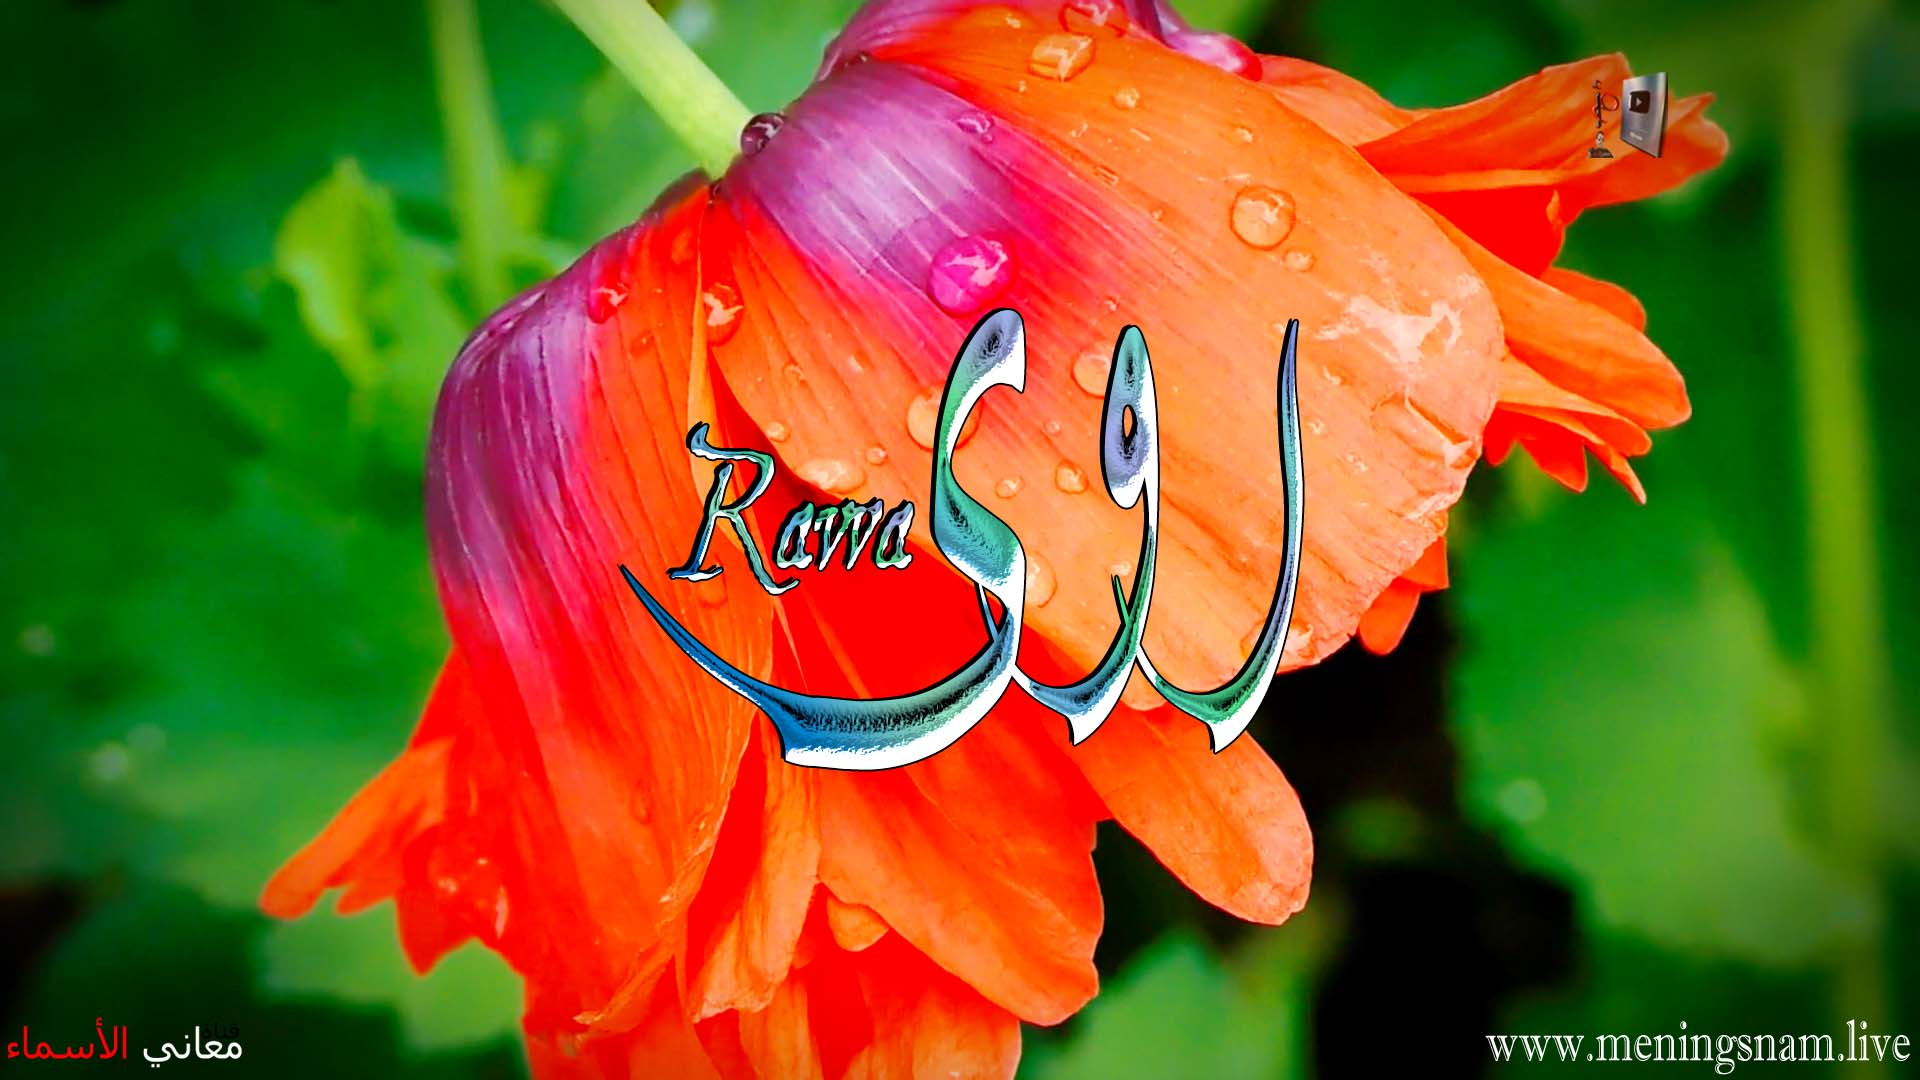 معنى اسم روى وصفات حاملة هذا الاسم Rawa